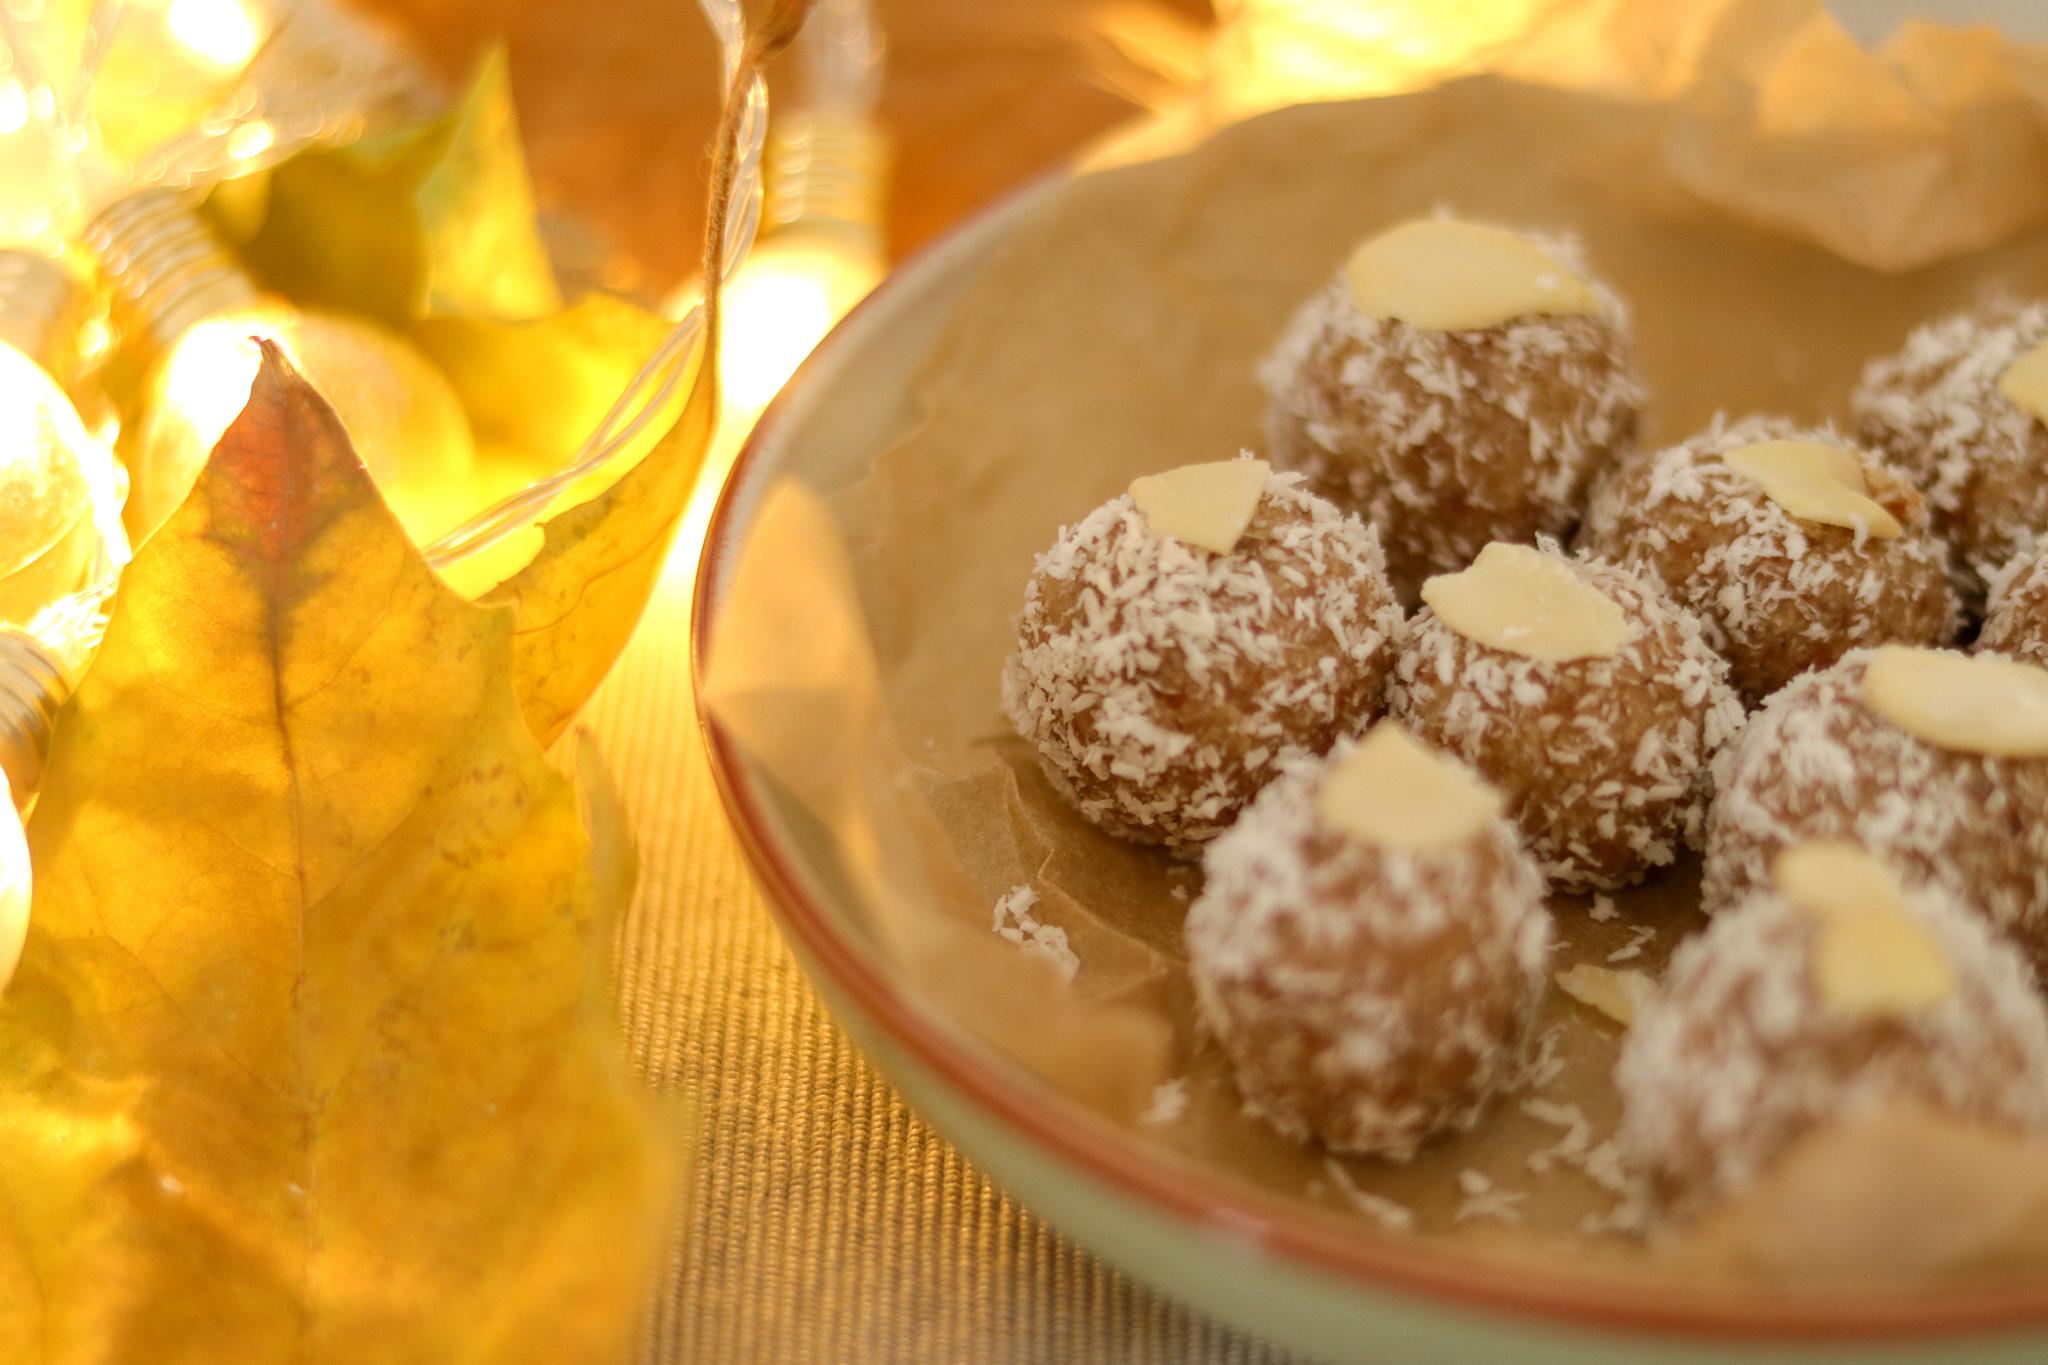 Almond coconut bites